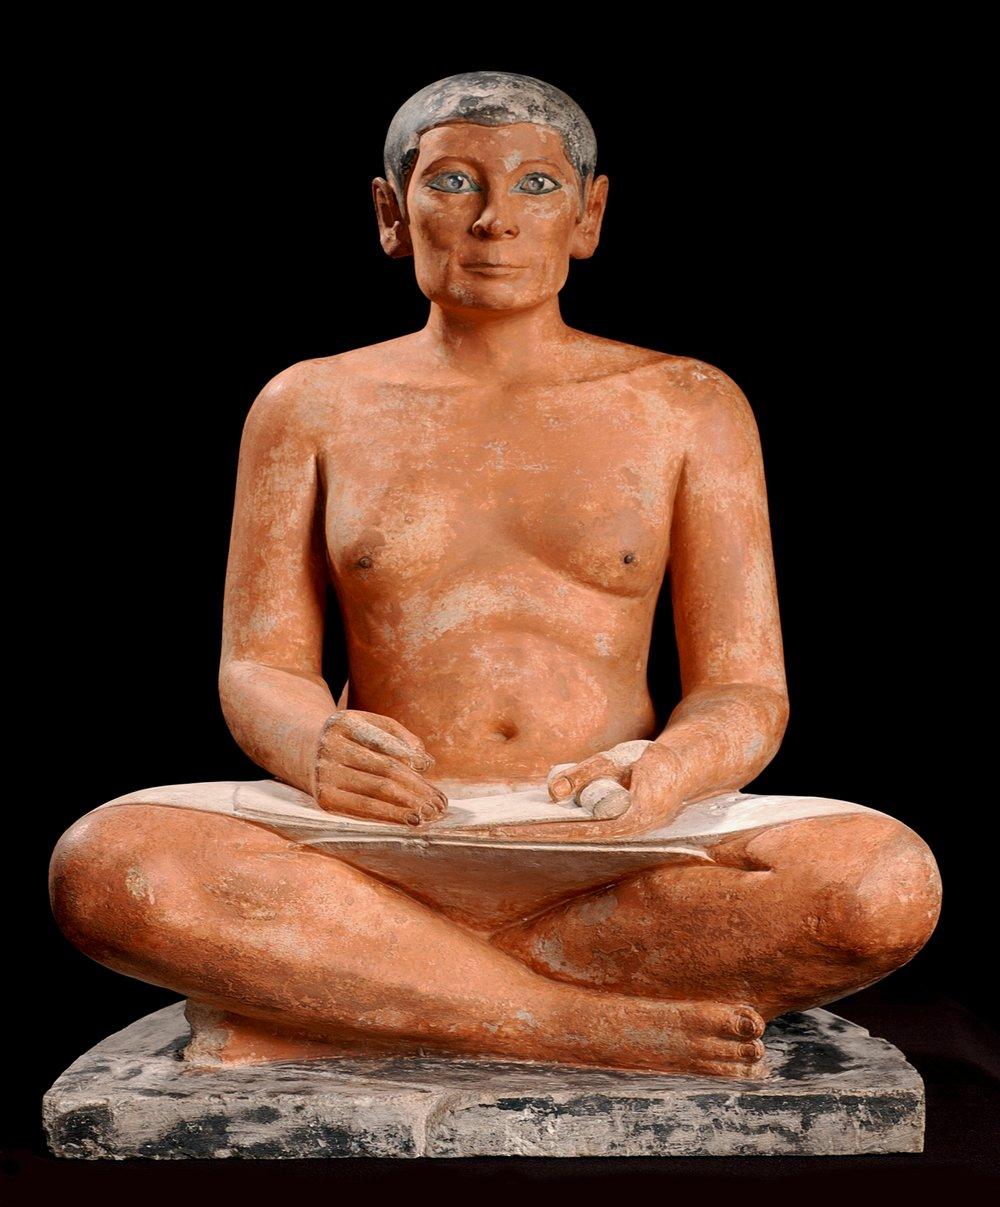 Photo: © Musée du Louvre, dist. RMN / Christian Décamps